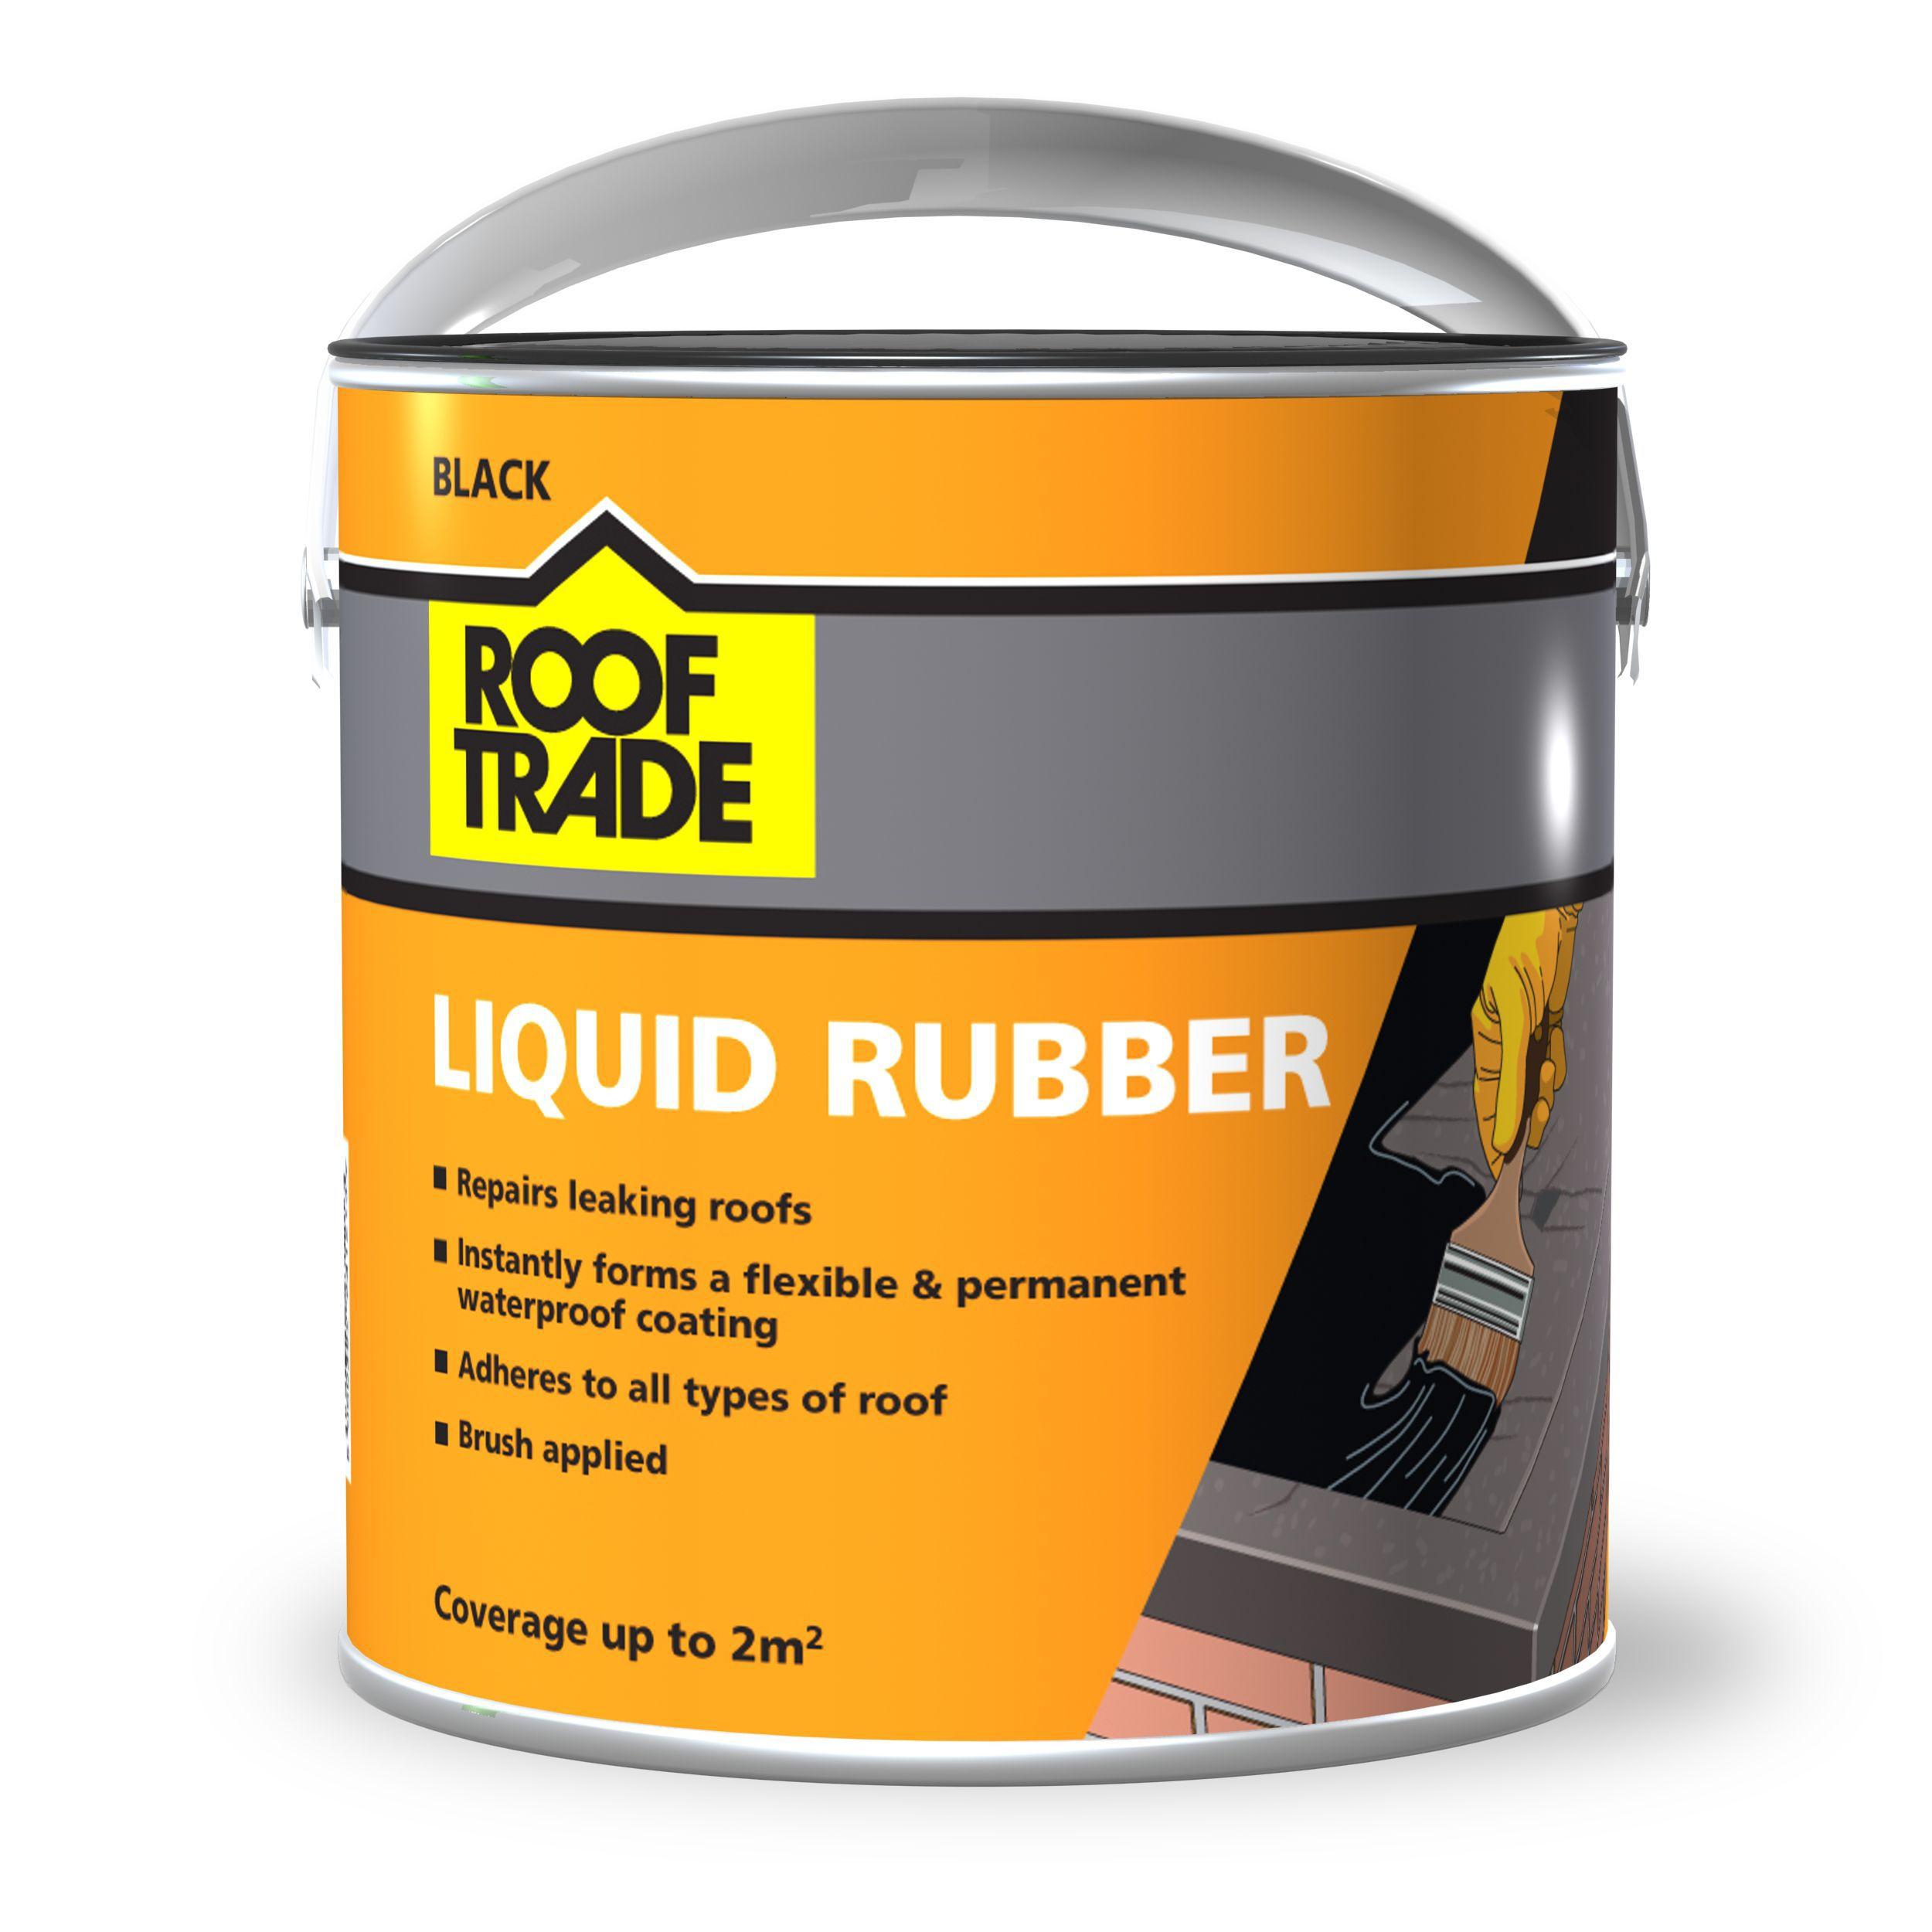 Rooftrade Black Liquid rubber roof sealant 2L ...